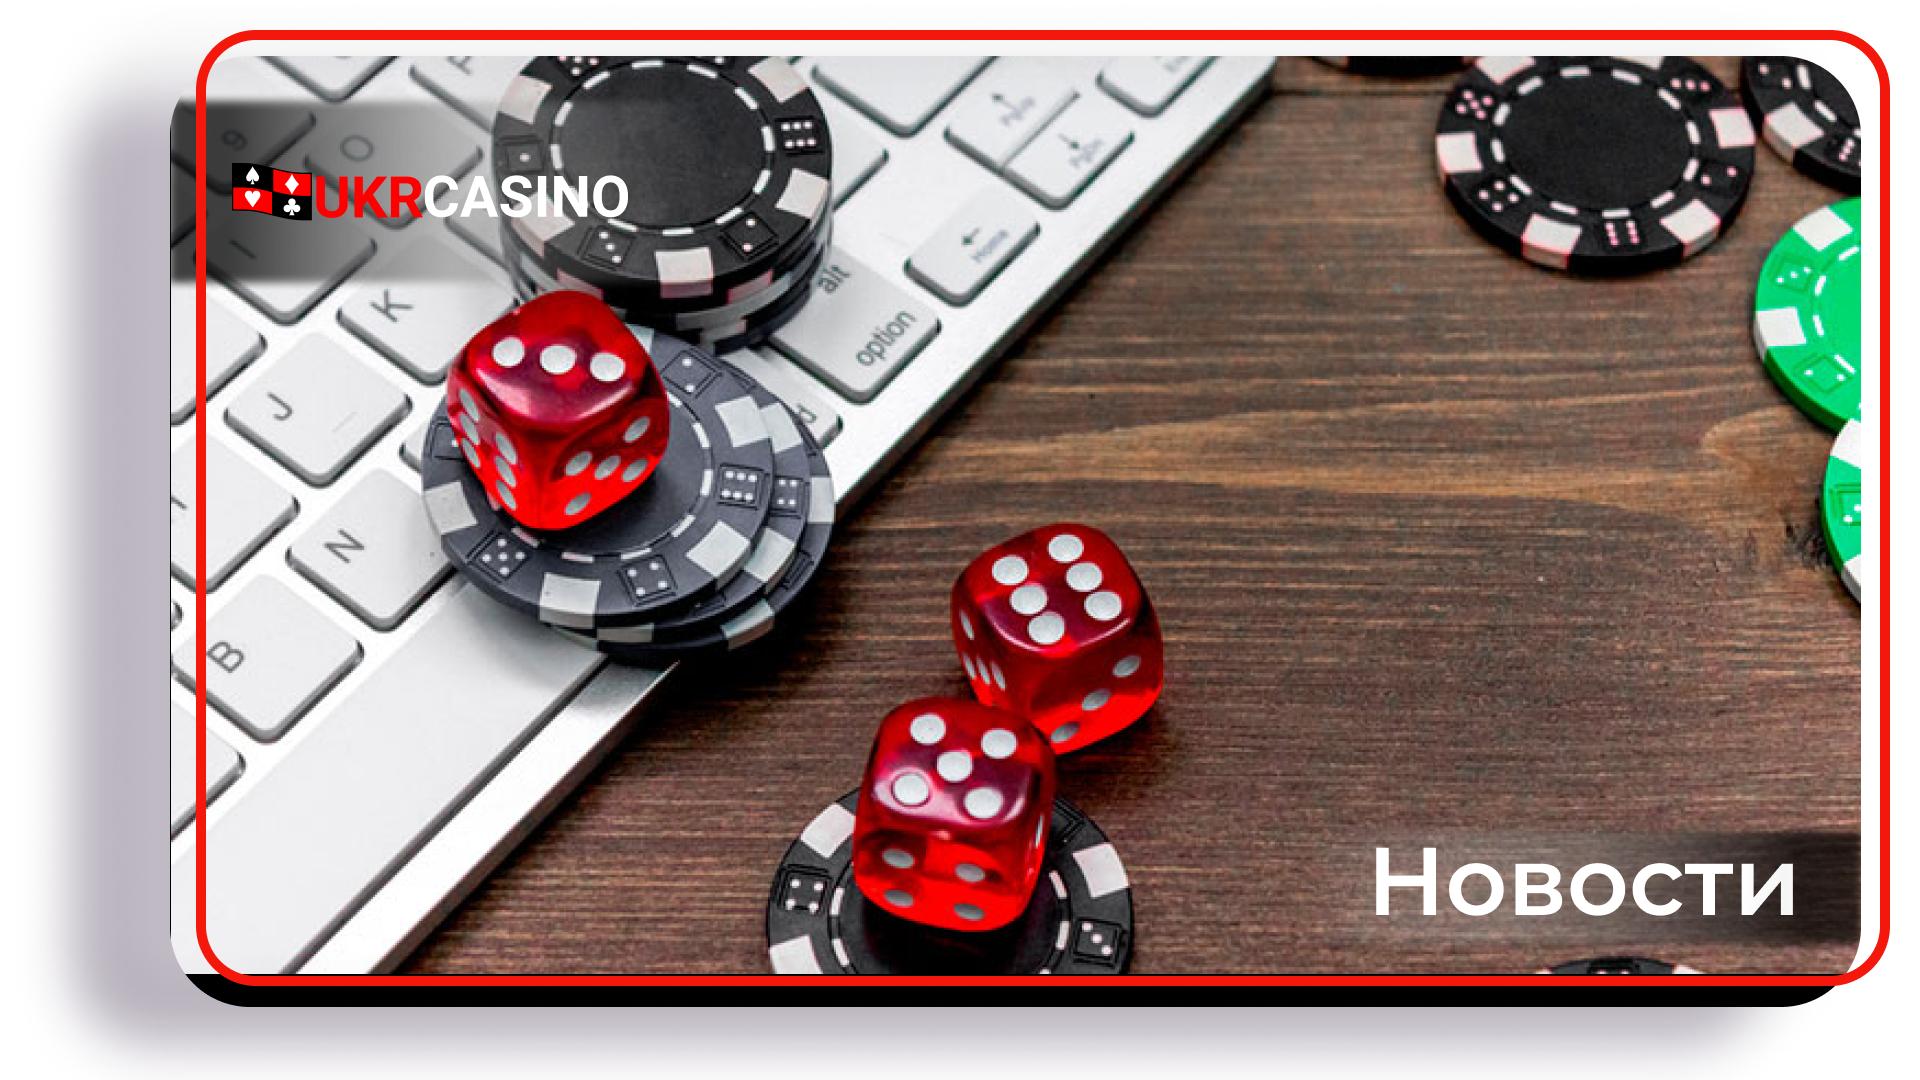 Большинство игроков выбирают азартные игры онлайн